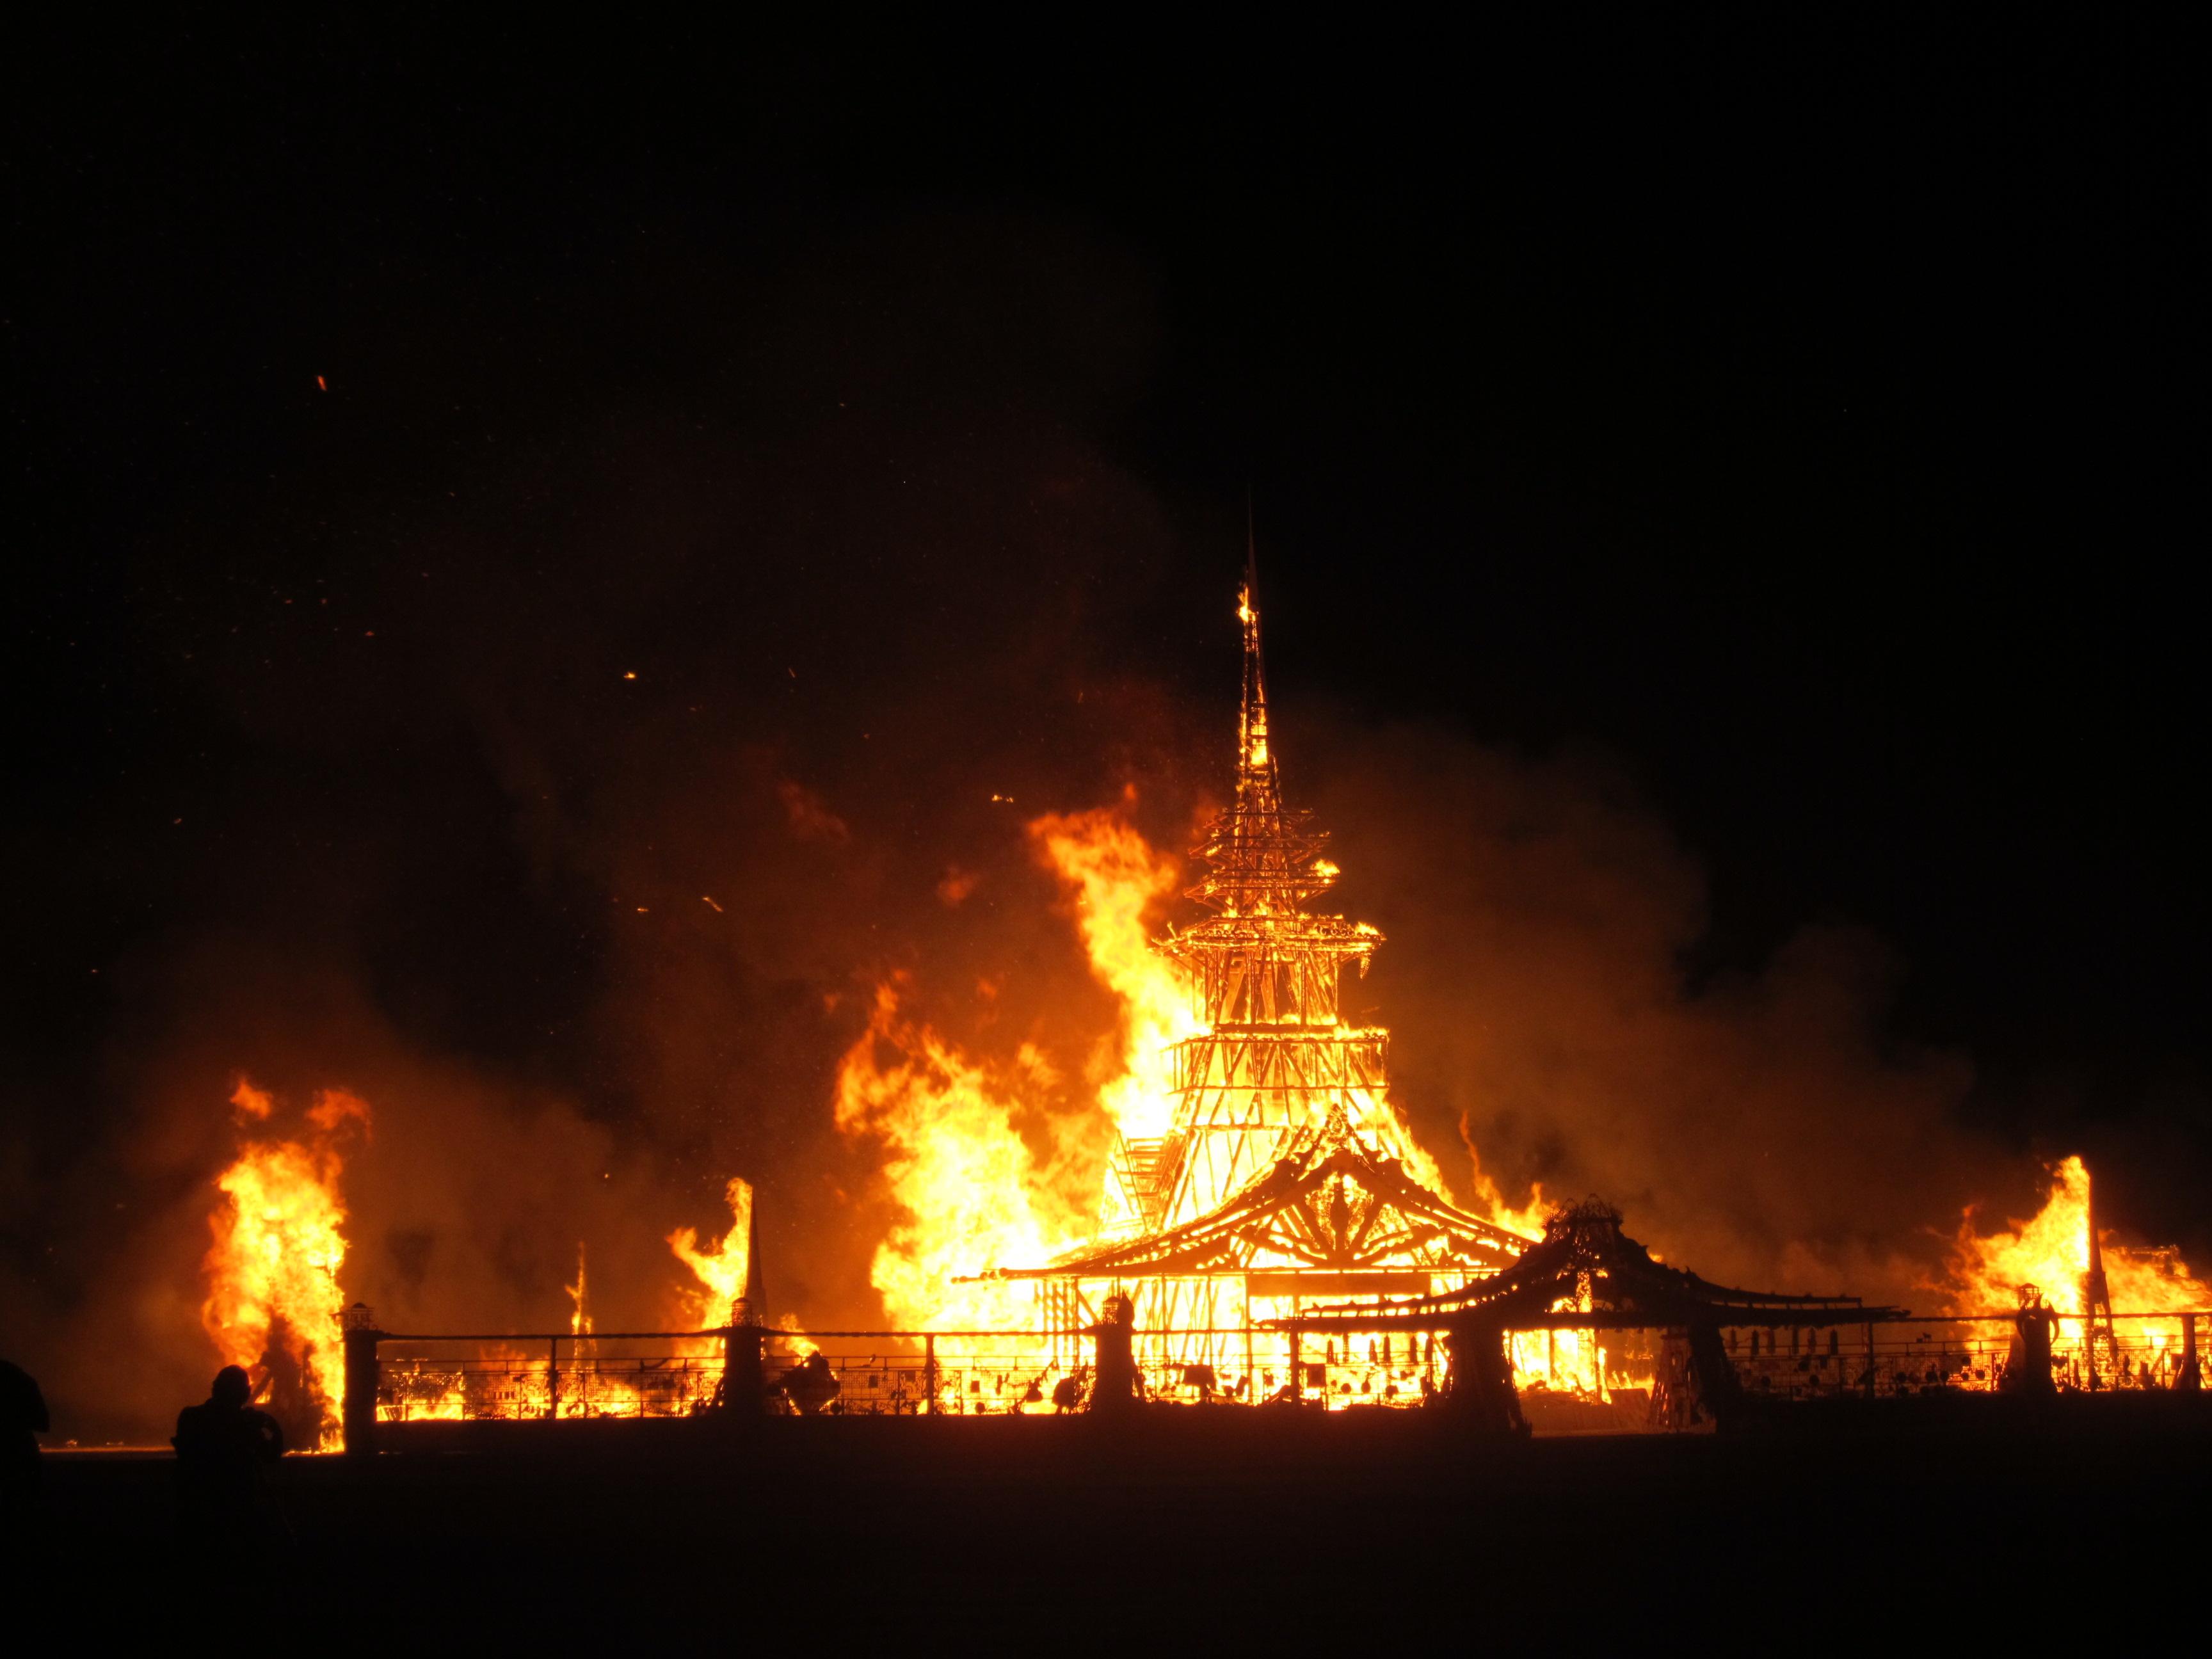 Burning the temple at Burning Man